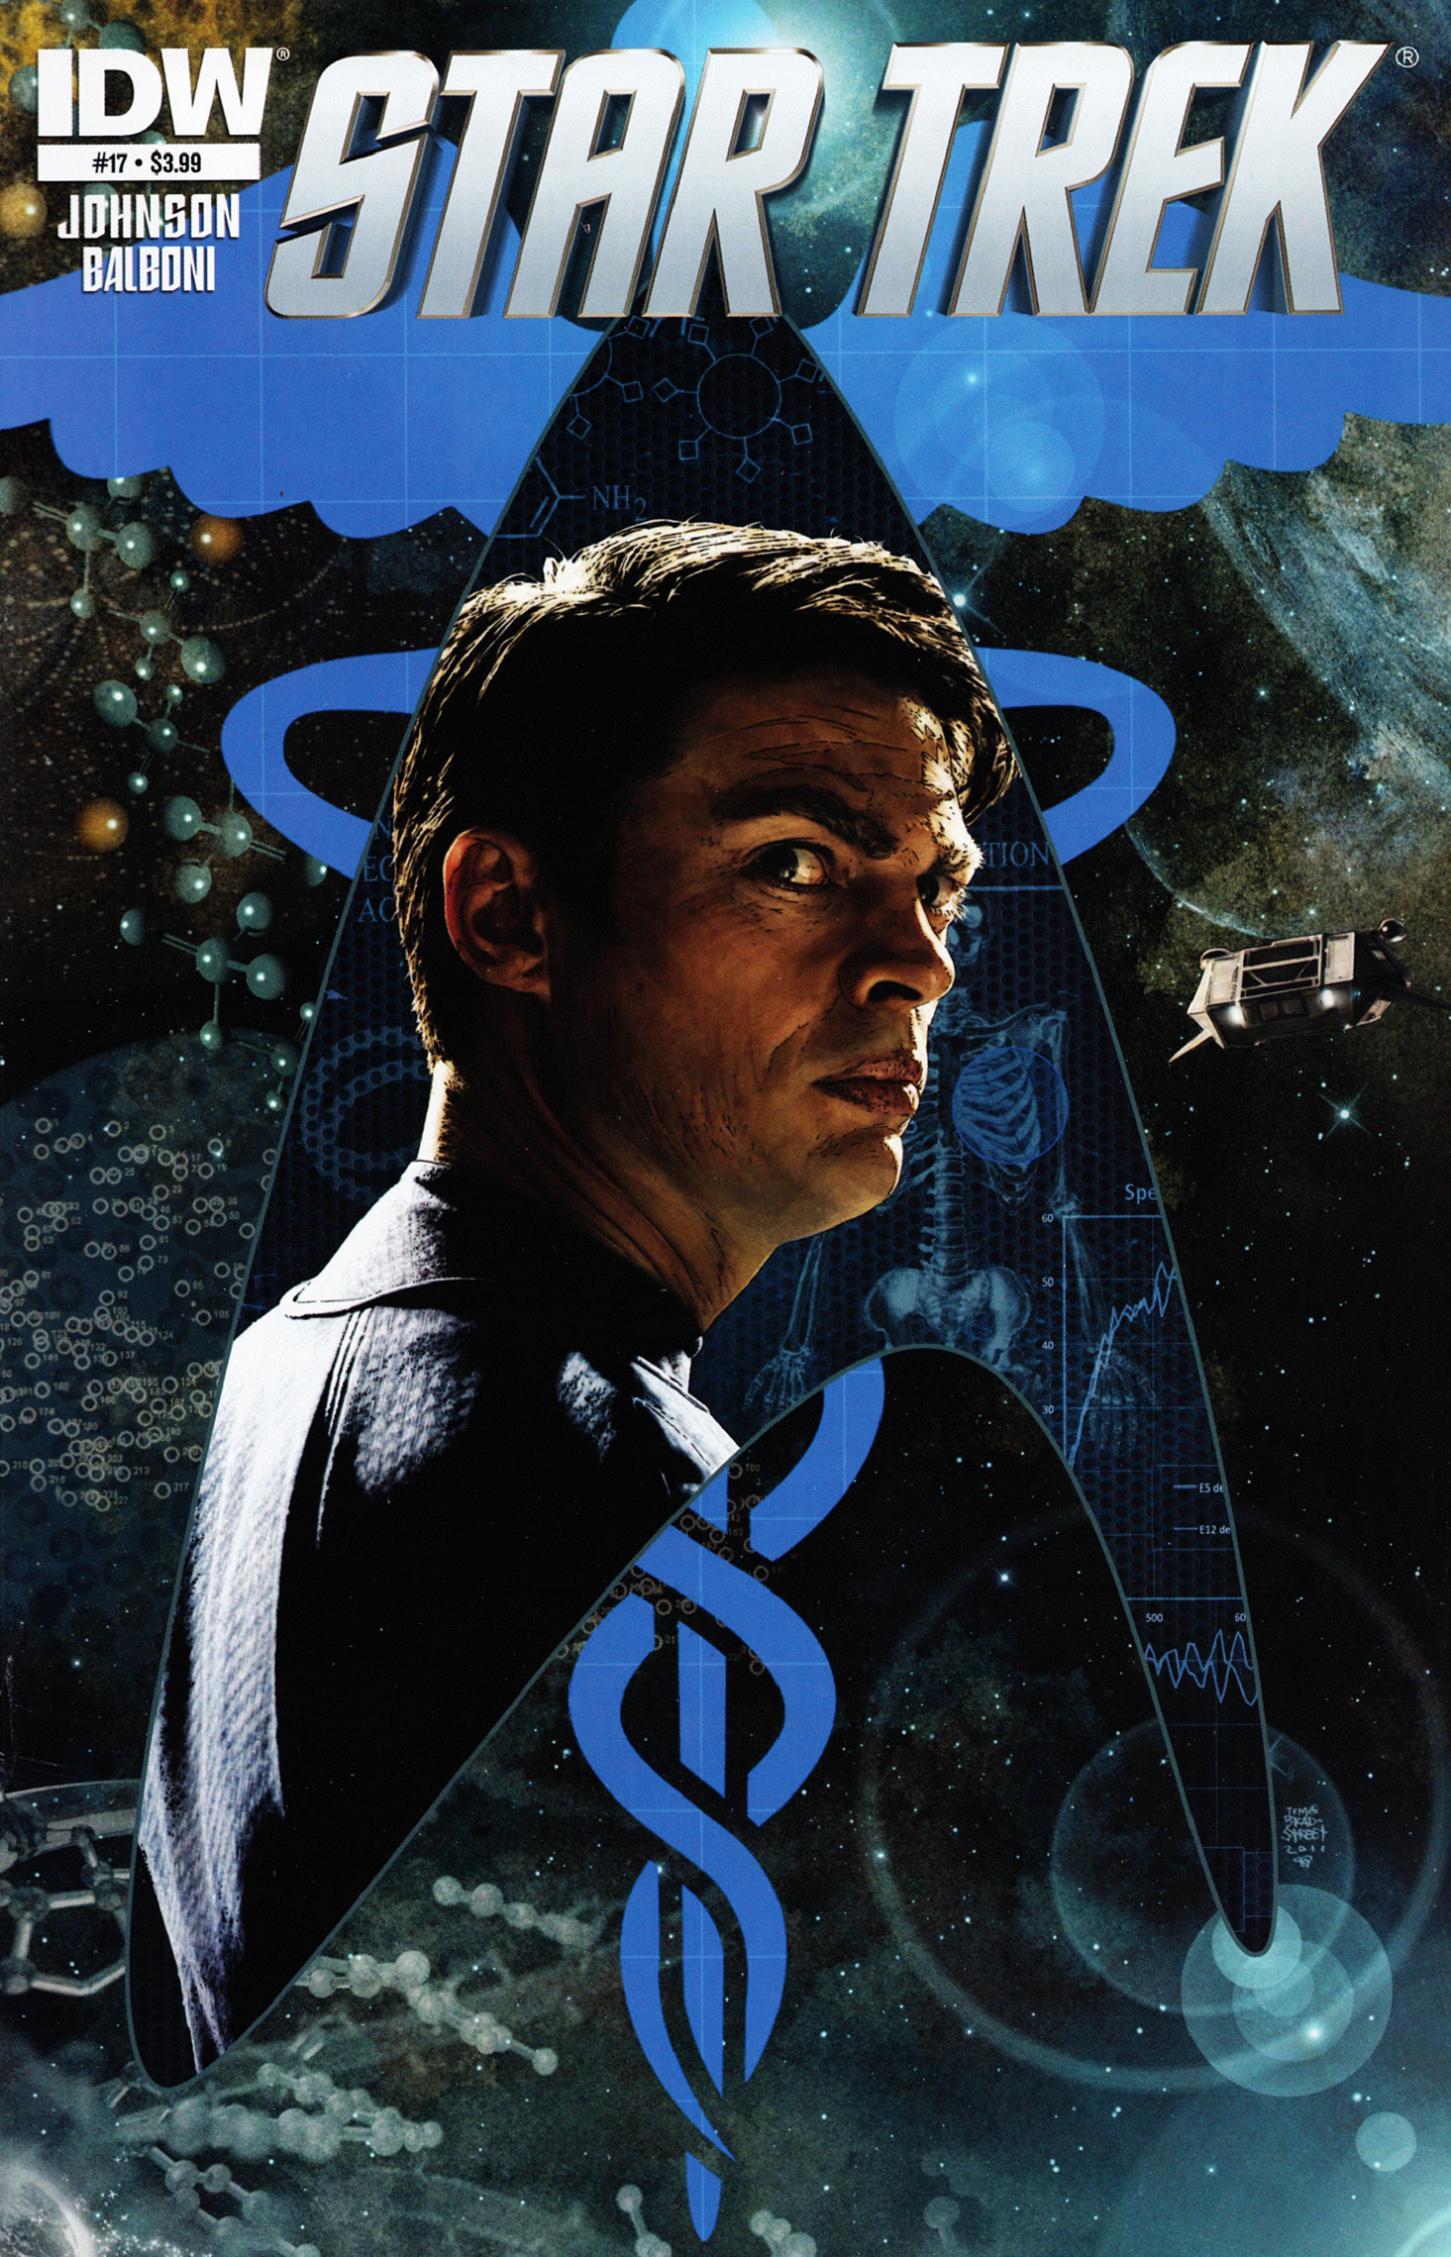 IDW Star Trek, Issue 17